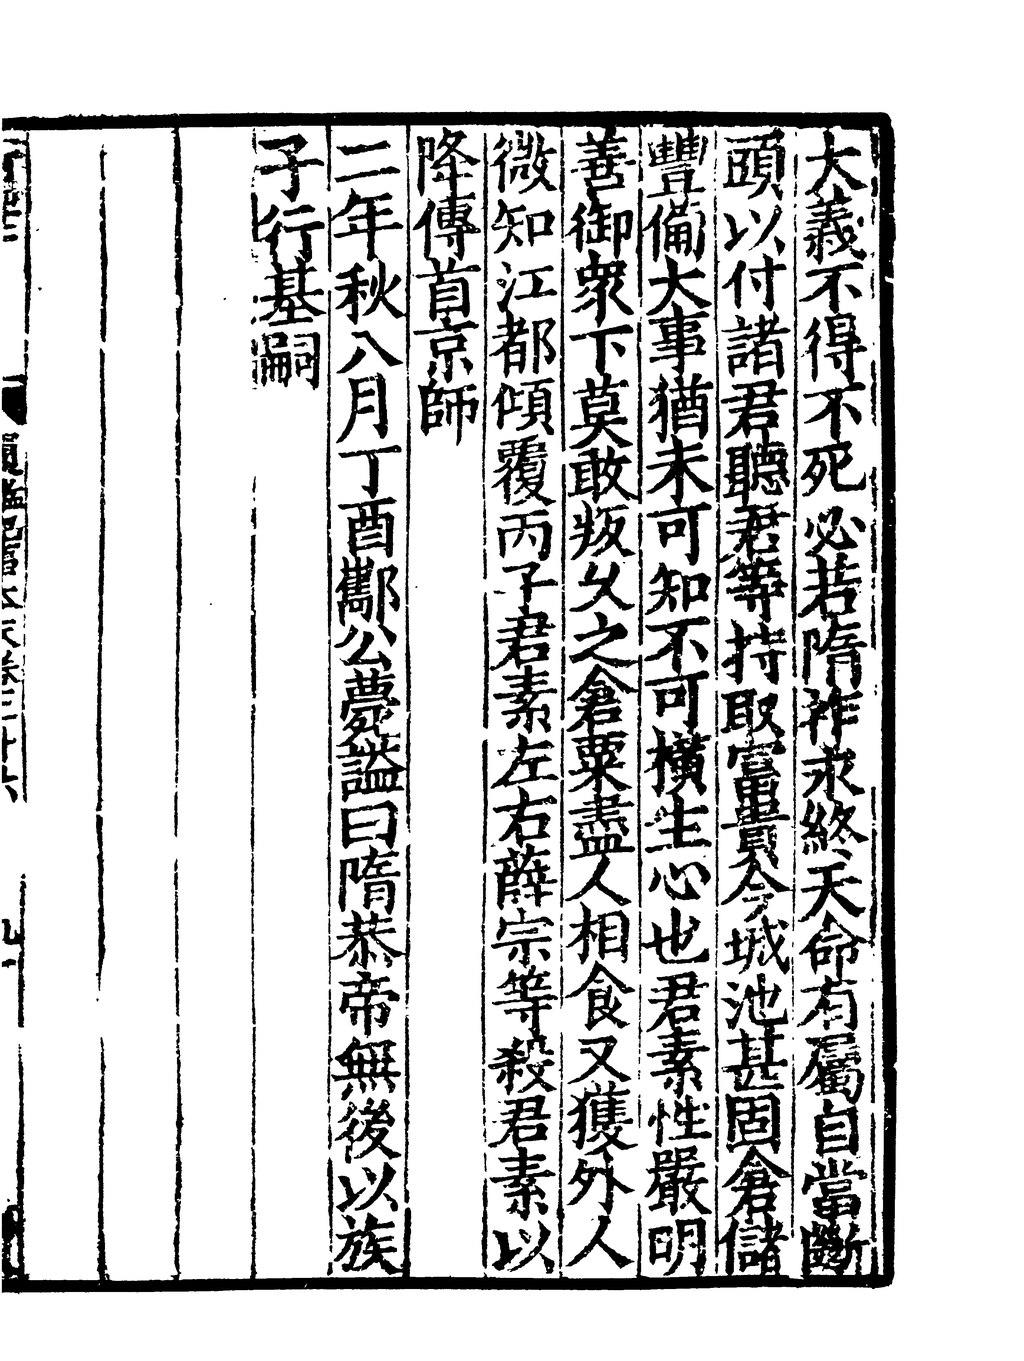 頁面:Sibu Congkan0233-袁樞-通鑑紀事本末-42-26.djvu/180 - 維基文庫,自由的圖書館